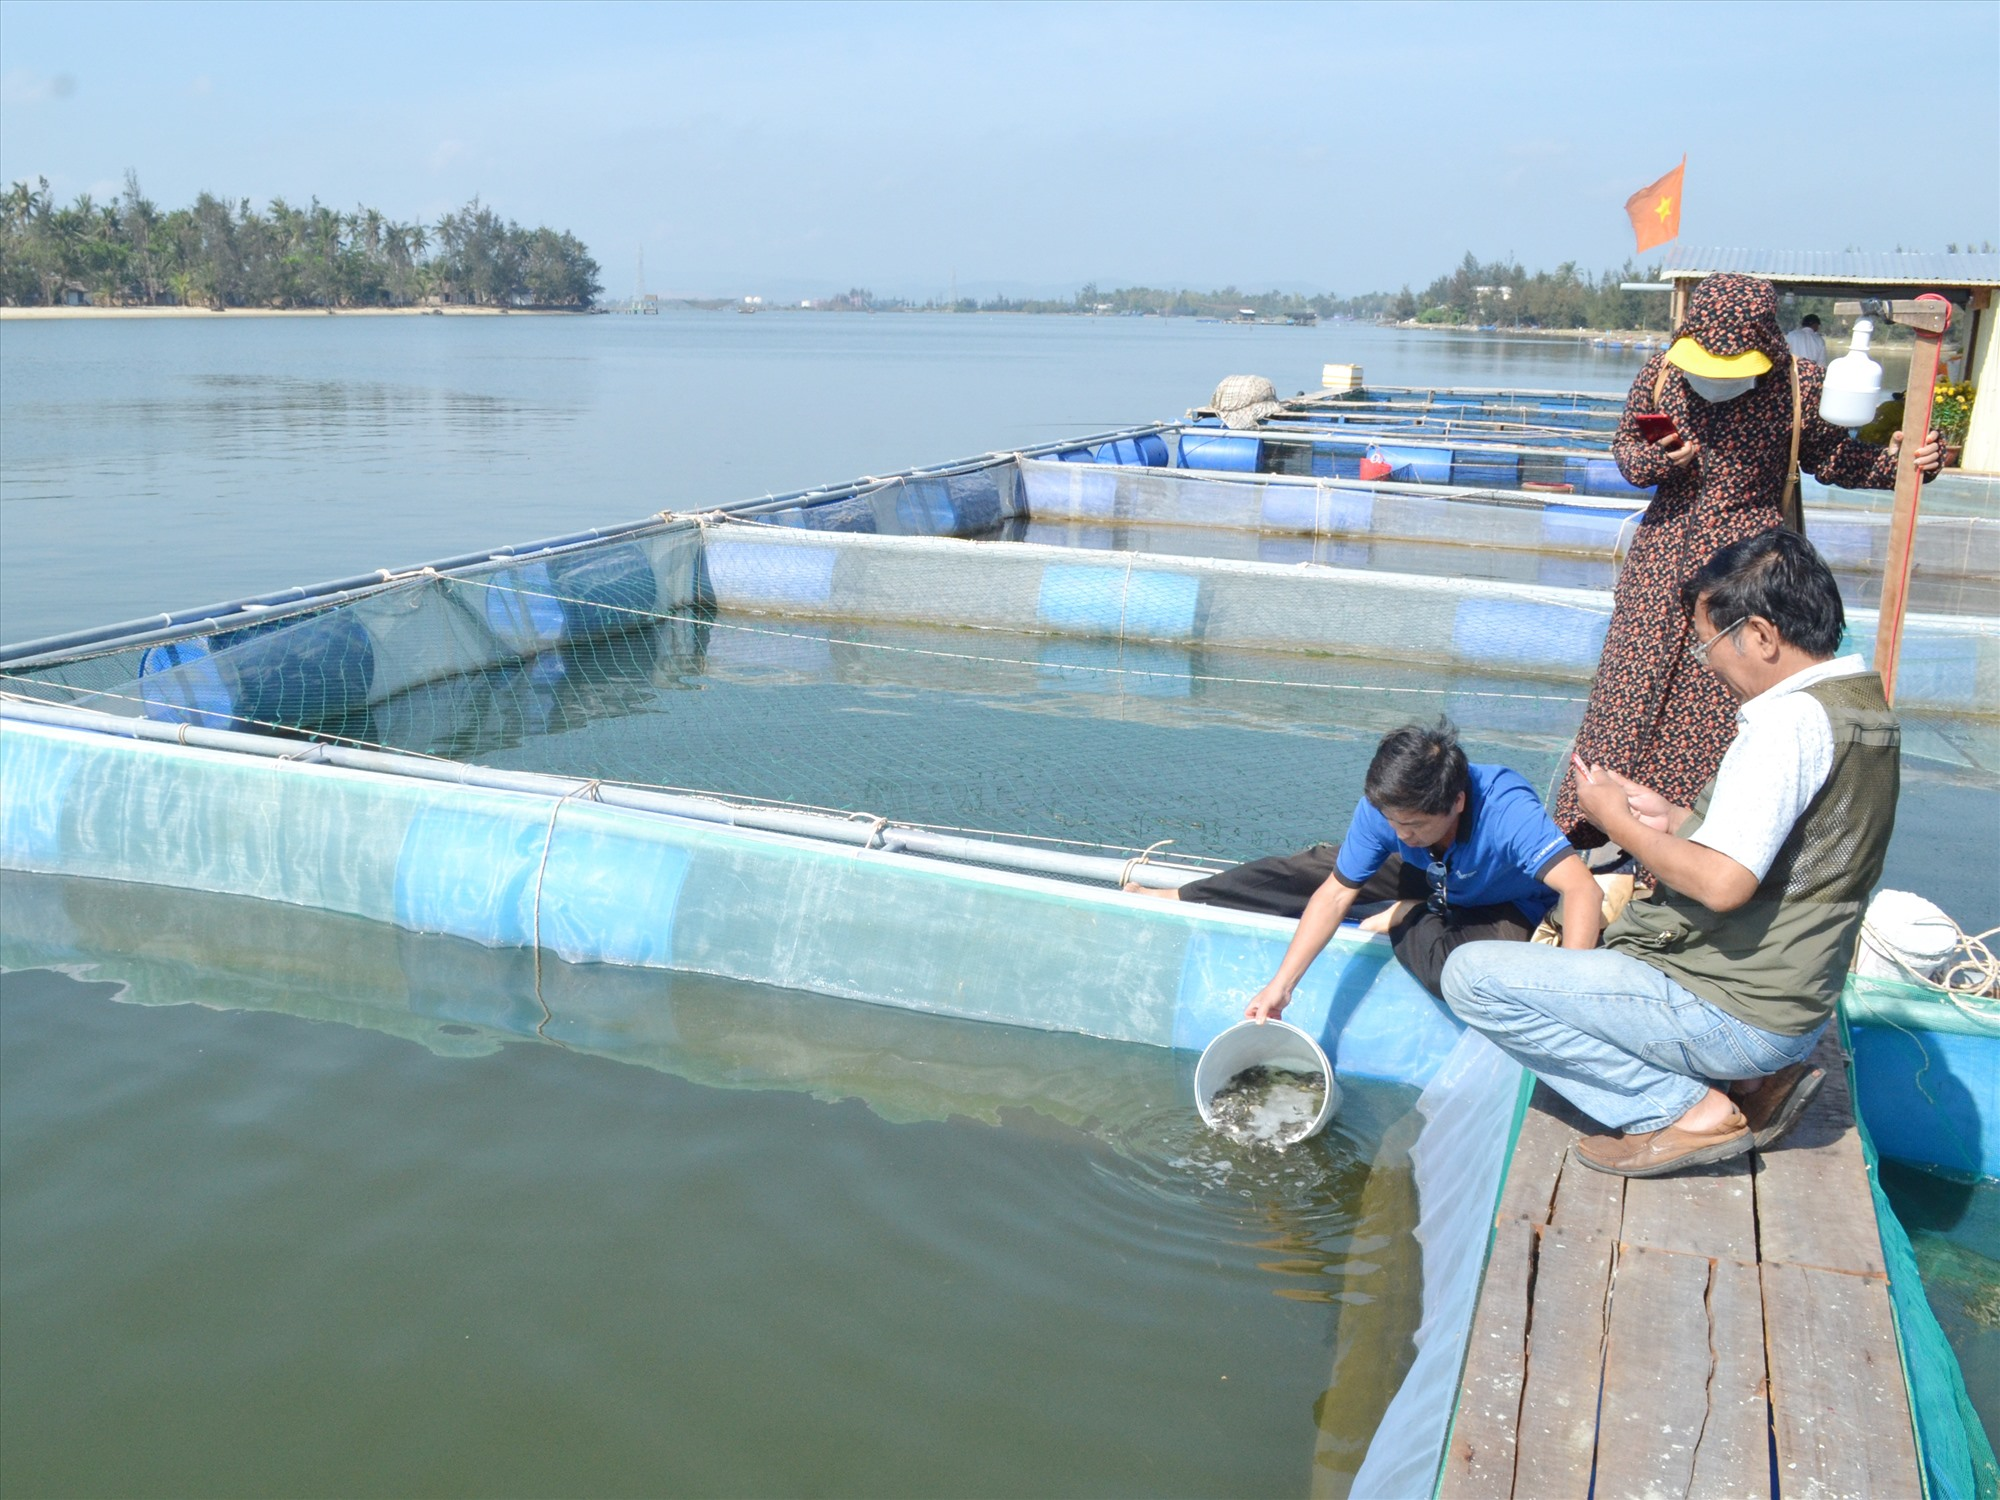 Trung tâm Khuyến nông tỉnh hỗ trợ giống cá chim vây vàng giúp hộ ông Trần Văn Đức nuôi cá ở ven biển An Hòa. Ảnh: VIỆT NGUYỄN